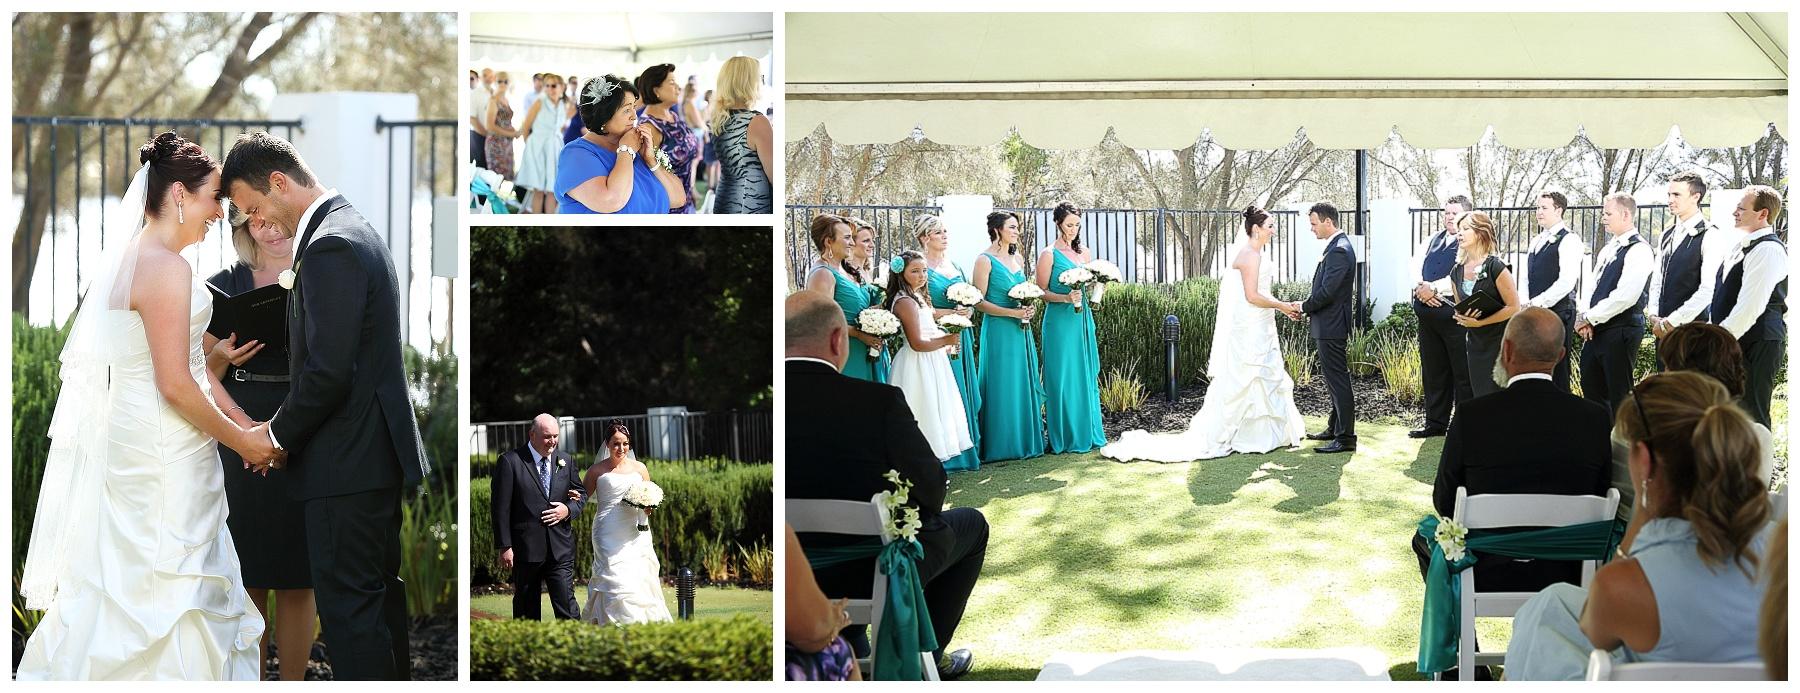 Poolside wedding ceremony ascot quays